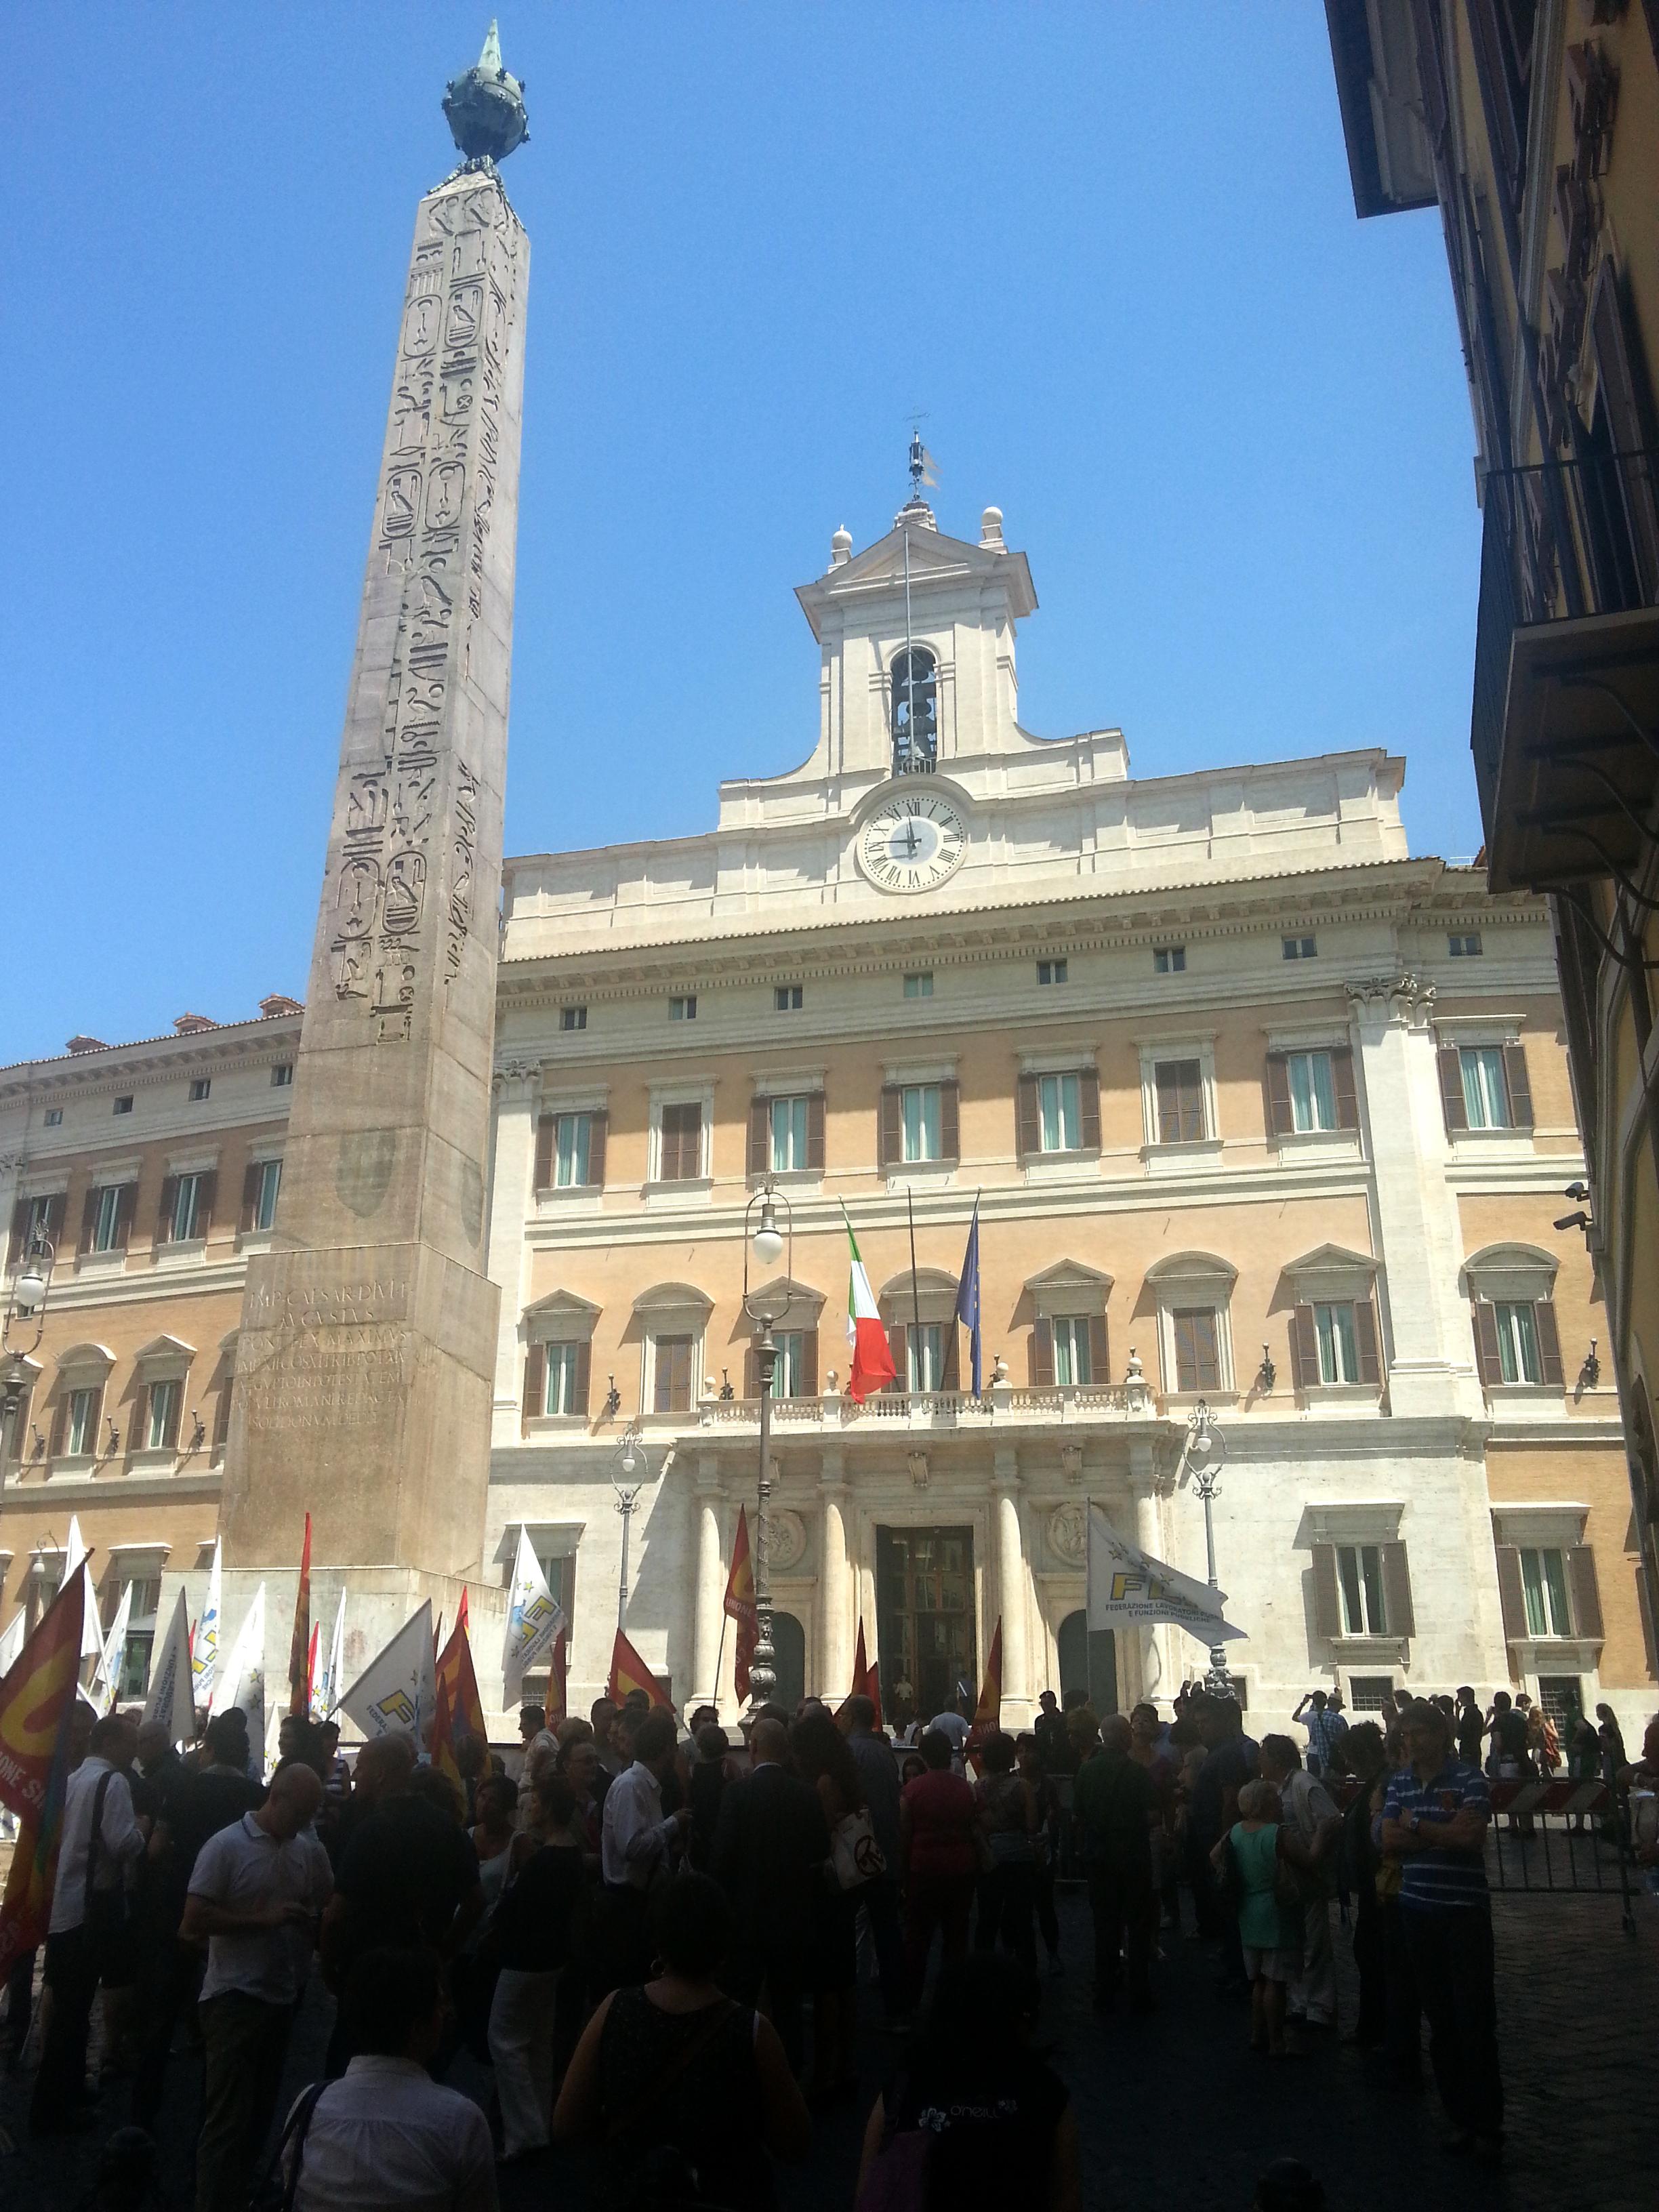 Unione sindacale di base il portale nazionale la for Piazza montecitorio 12